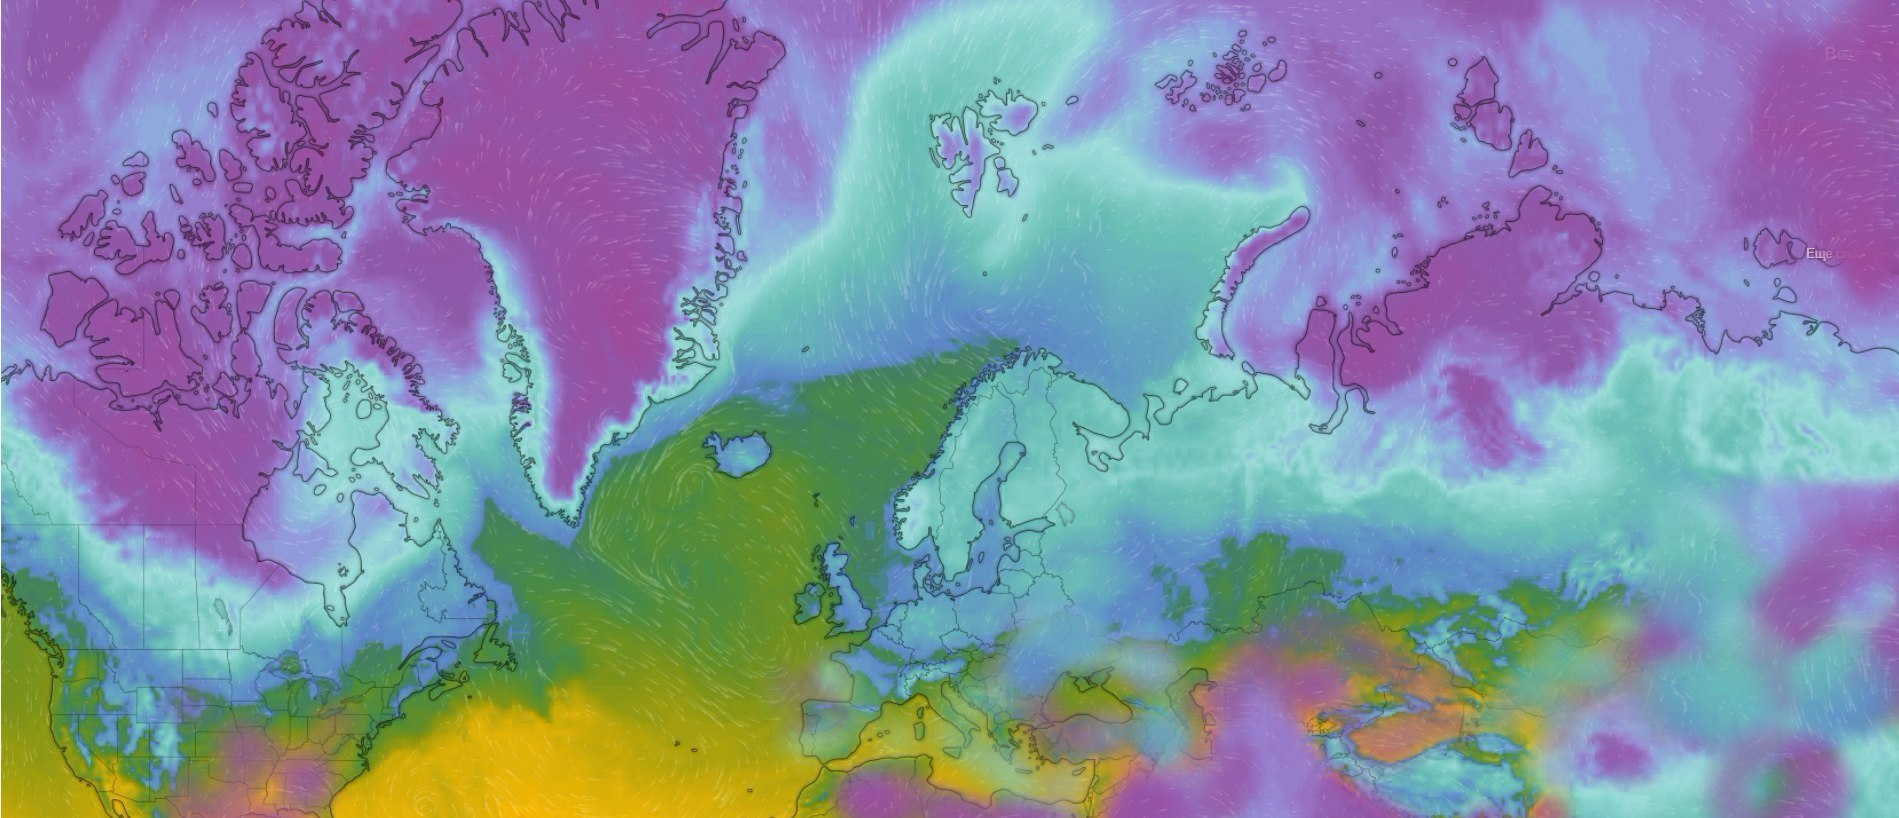 ТАМ I give a blessingfor the responseCrystals of North America ТАМ кристаллическая сфера Землиза Отклик благодарю 22 марта 2018 температура планеты климат